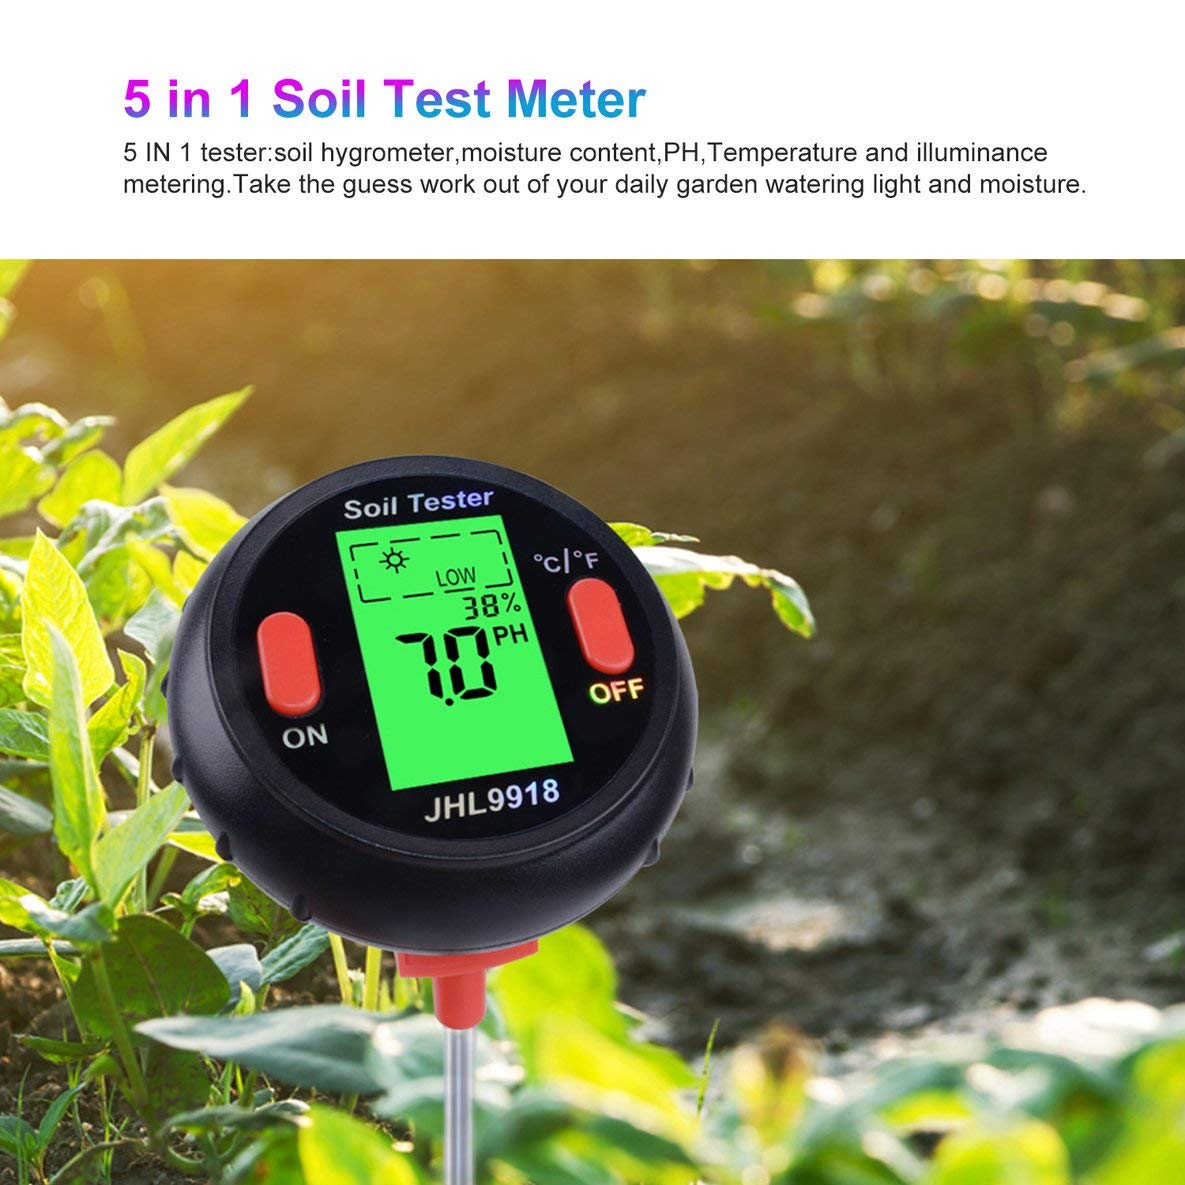 Noradtjcca 5 dans 1 Sol PH testeur d/étecteur Eau humidit/é temp/érature lumi/ère analys/ée m/ètre m/ètre de Plante m/ètres pH pour Jardin//Ferme//pelouse